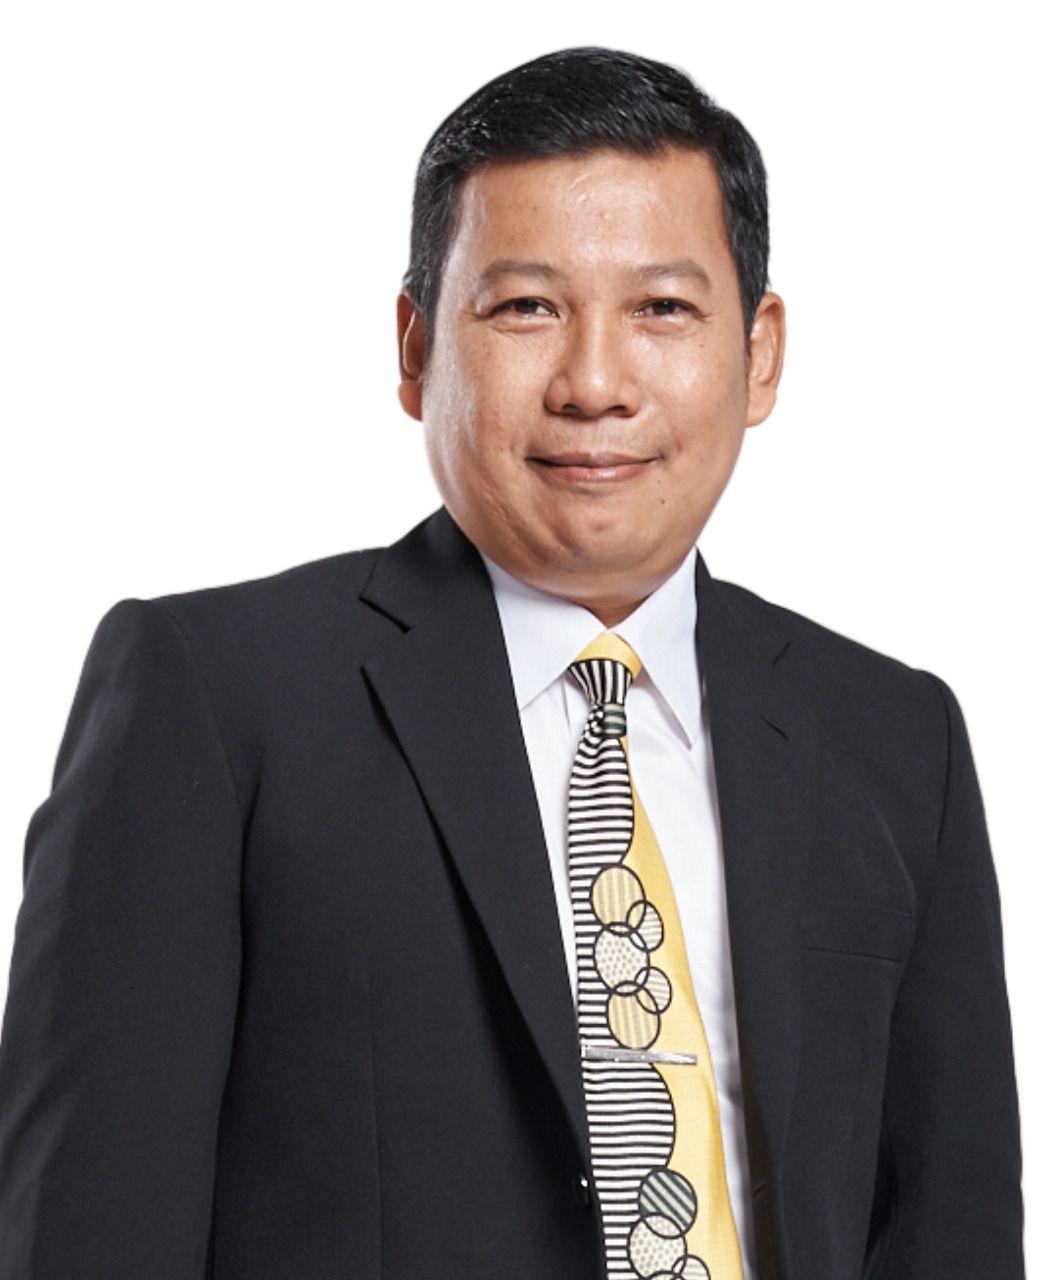 Erick Copot Direktur Utama PT Rajawali Nusantara Indonesia